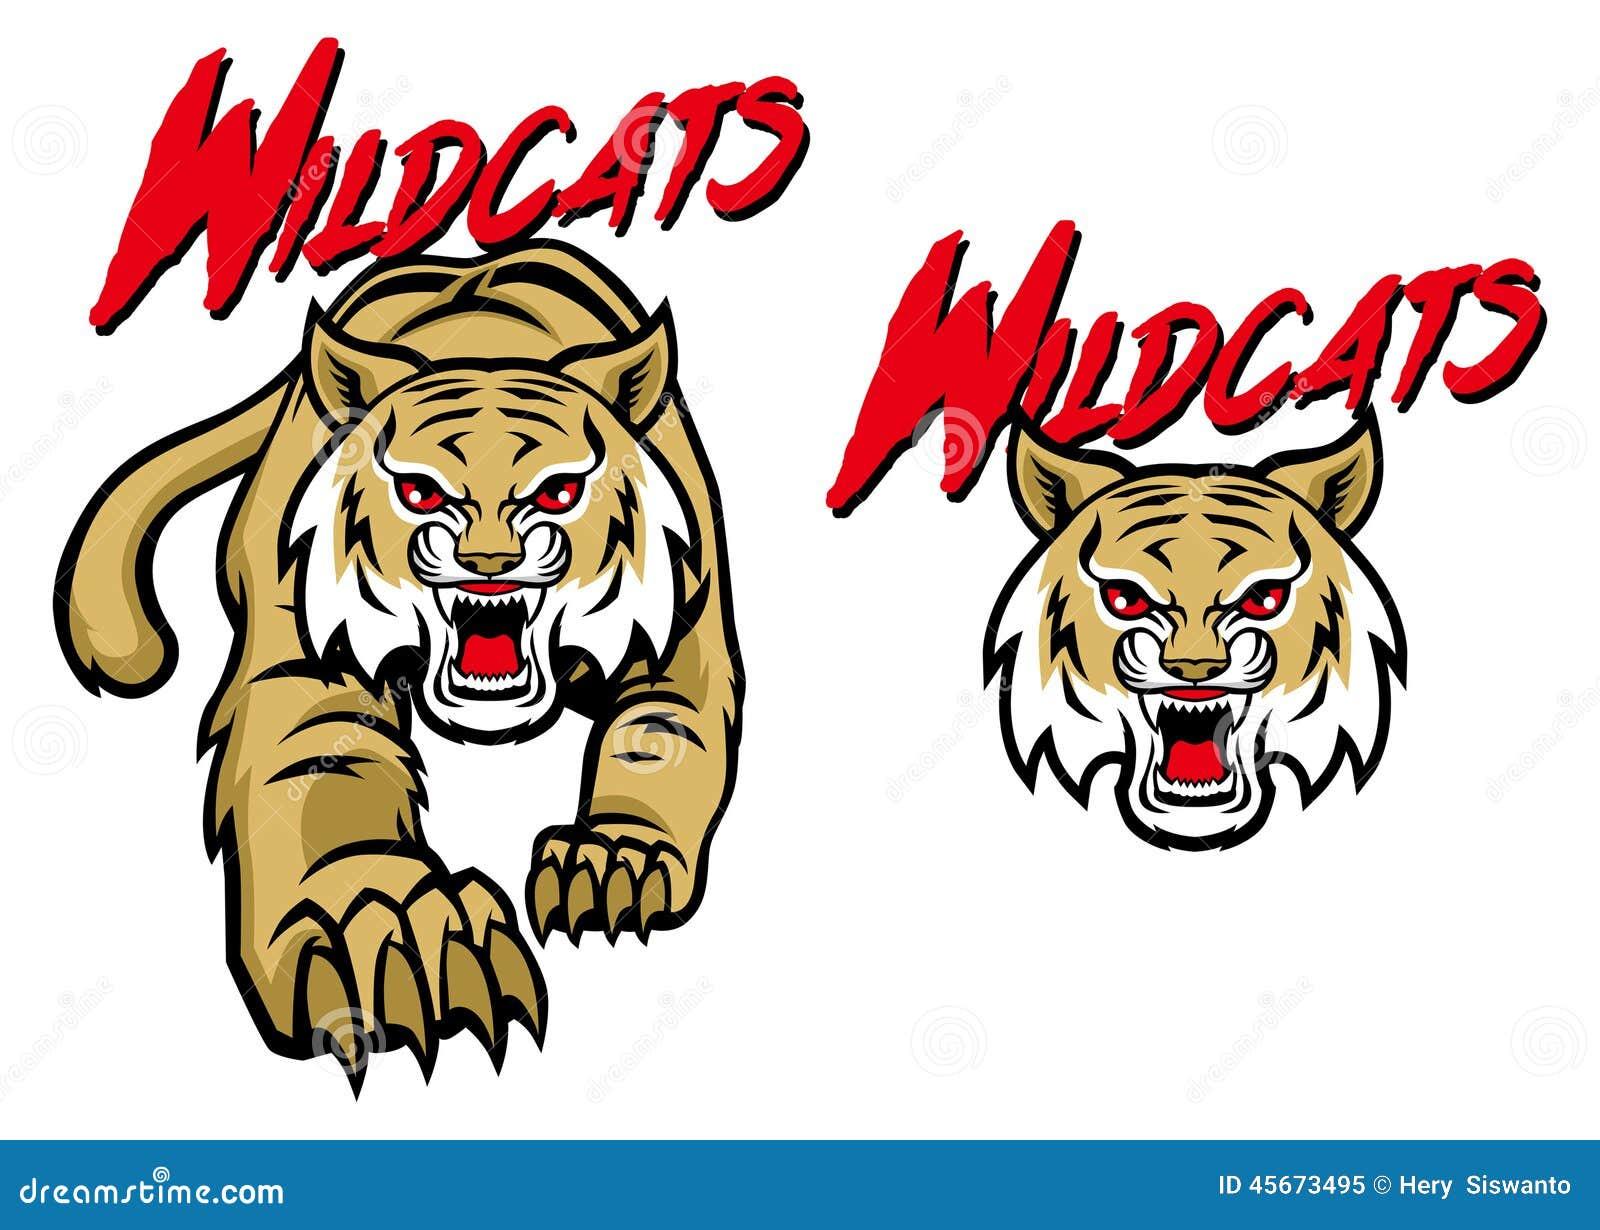 fighting wildcats